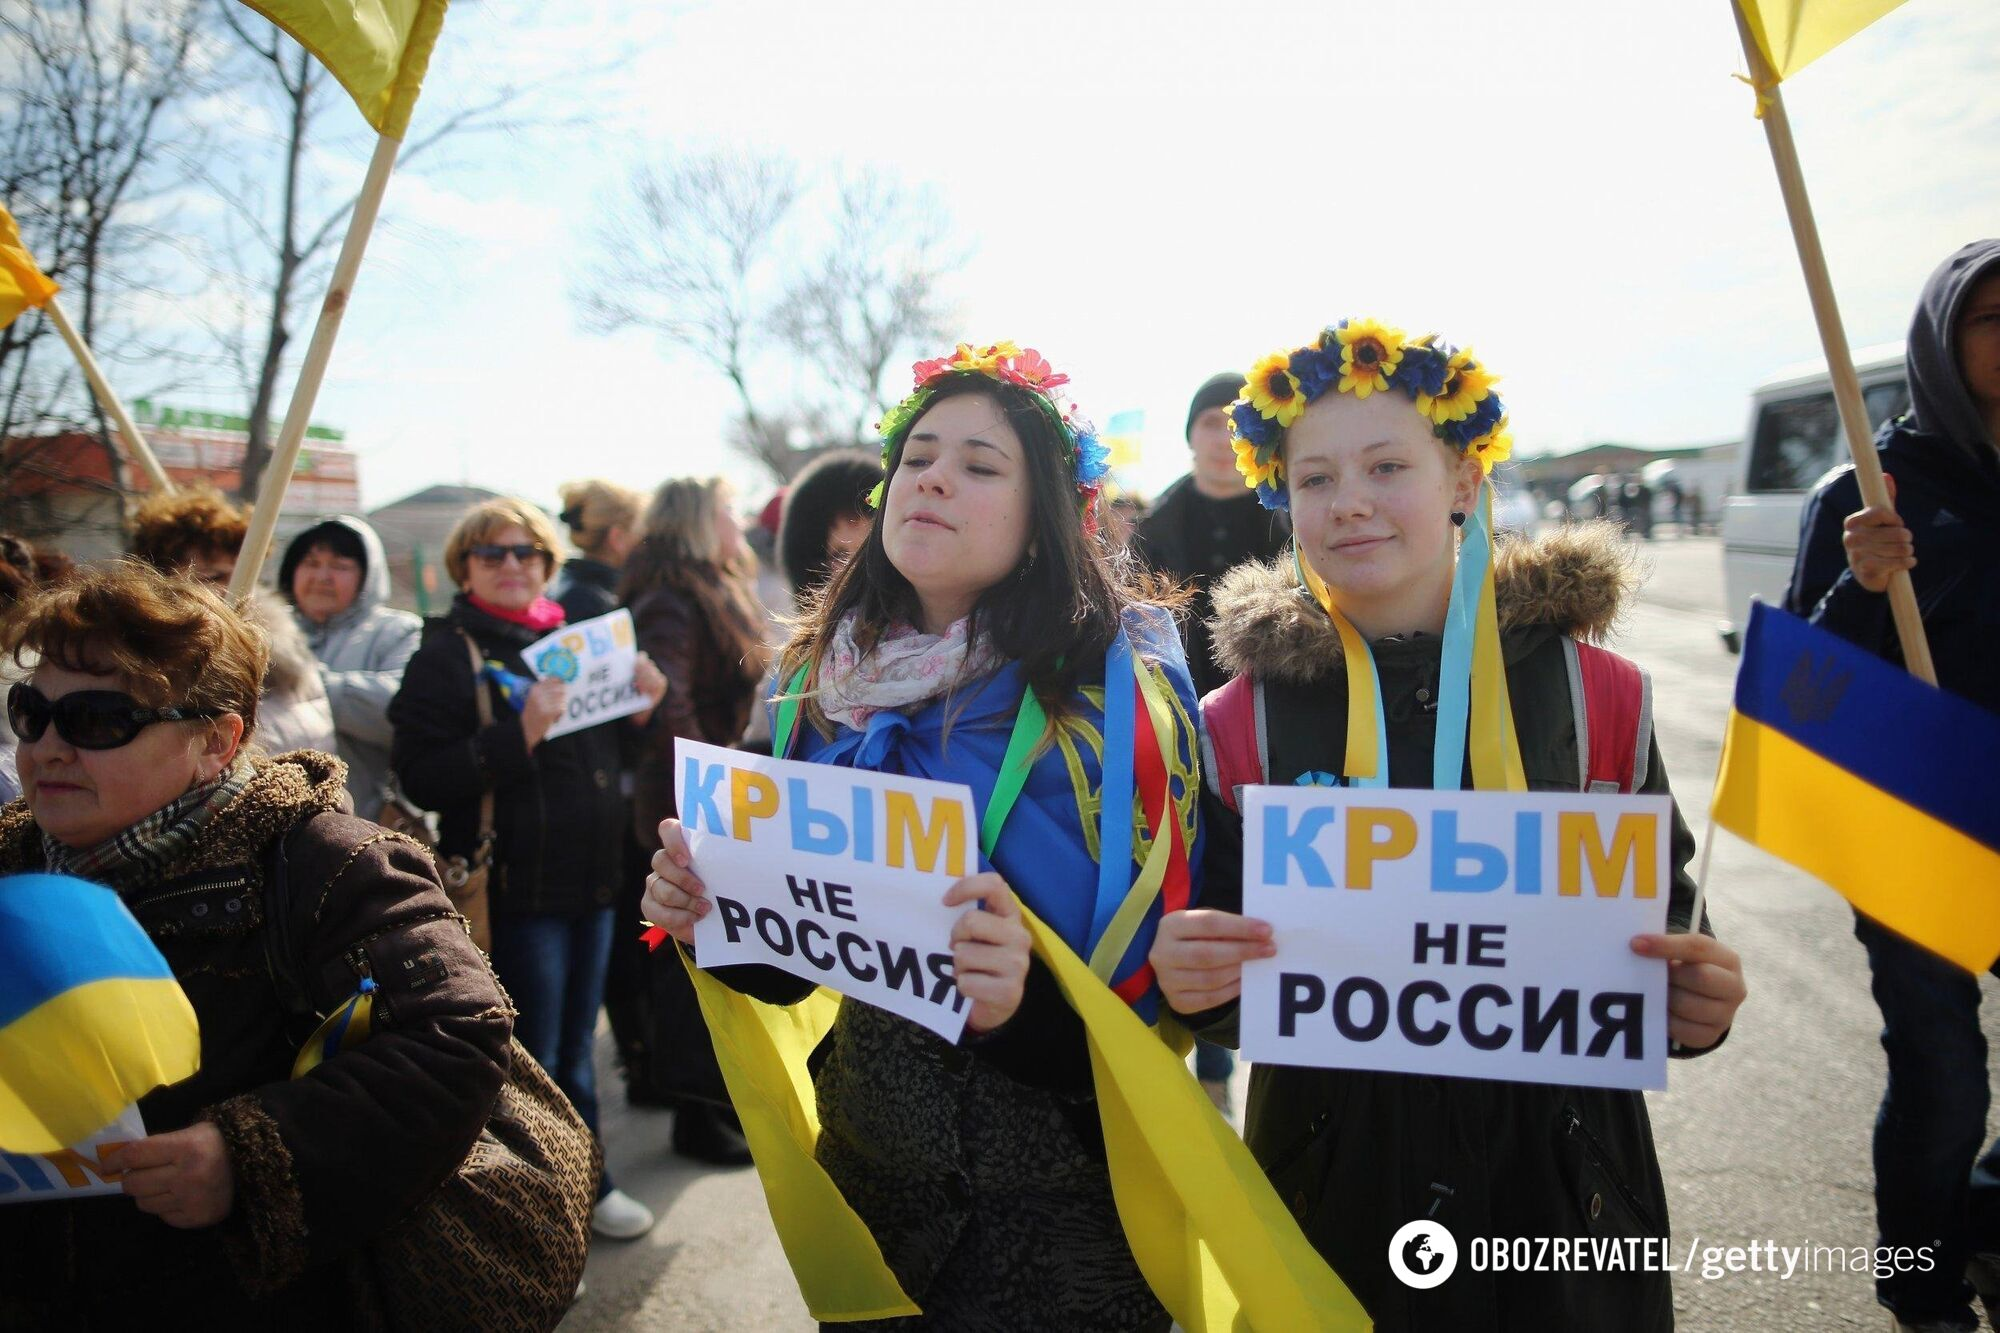 Акция протеста против лжереферендума в Крыму, 14 марта 2014 года, Симферополь